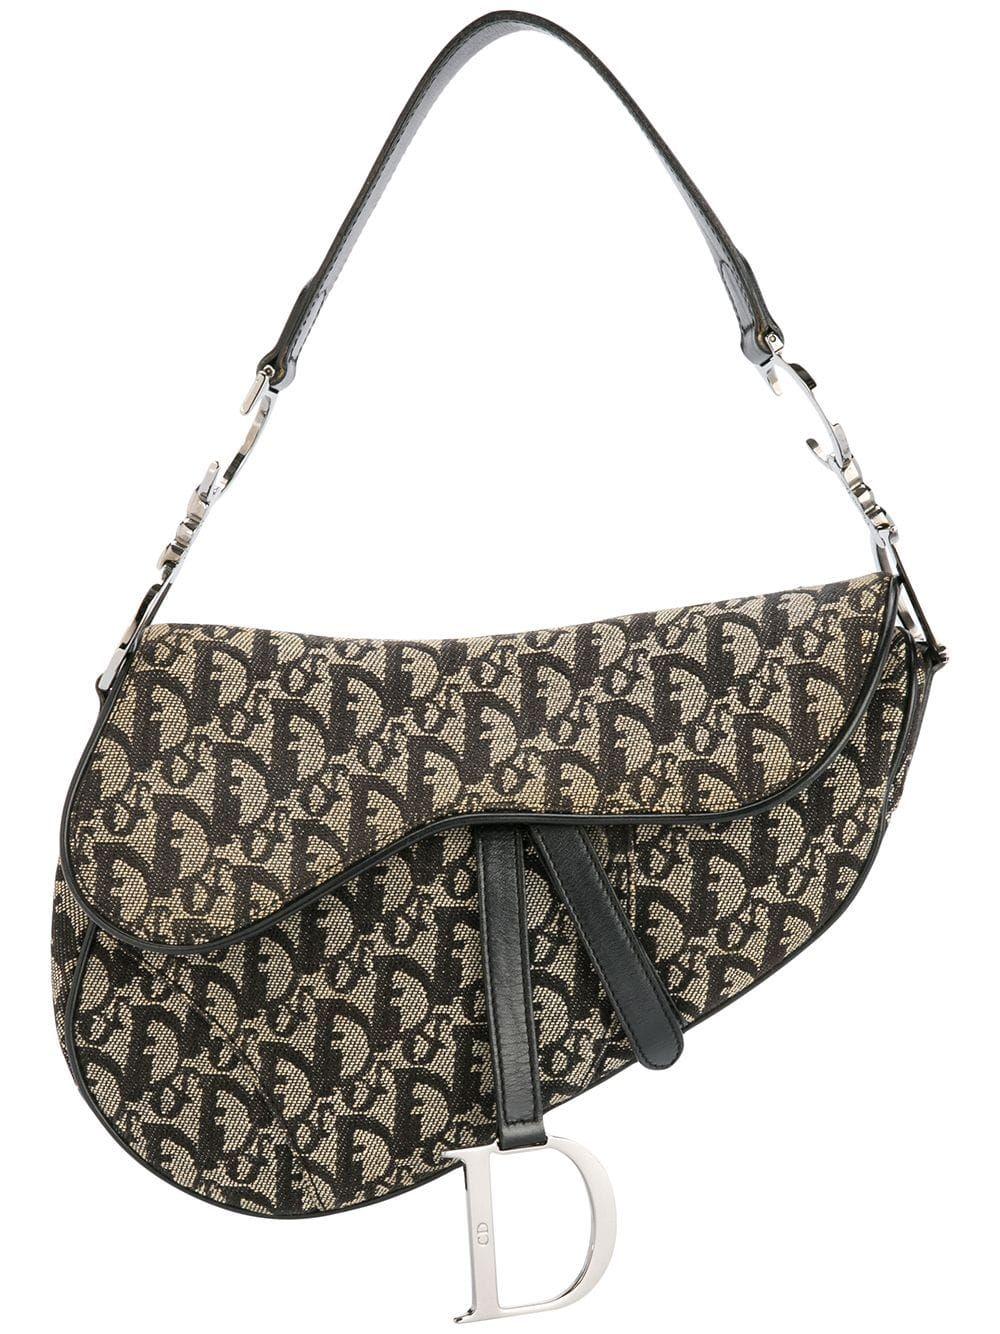 Christian Dior Trotter Pattern Saddle Handbag Farfetch Saddle Handbags Dior Saddle Bag Christian Dior Vintage